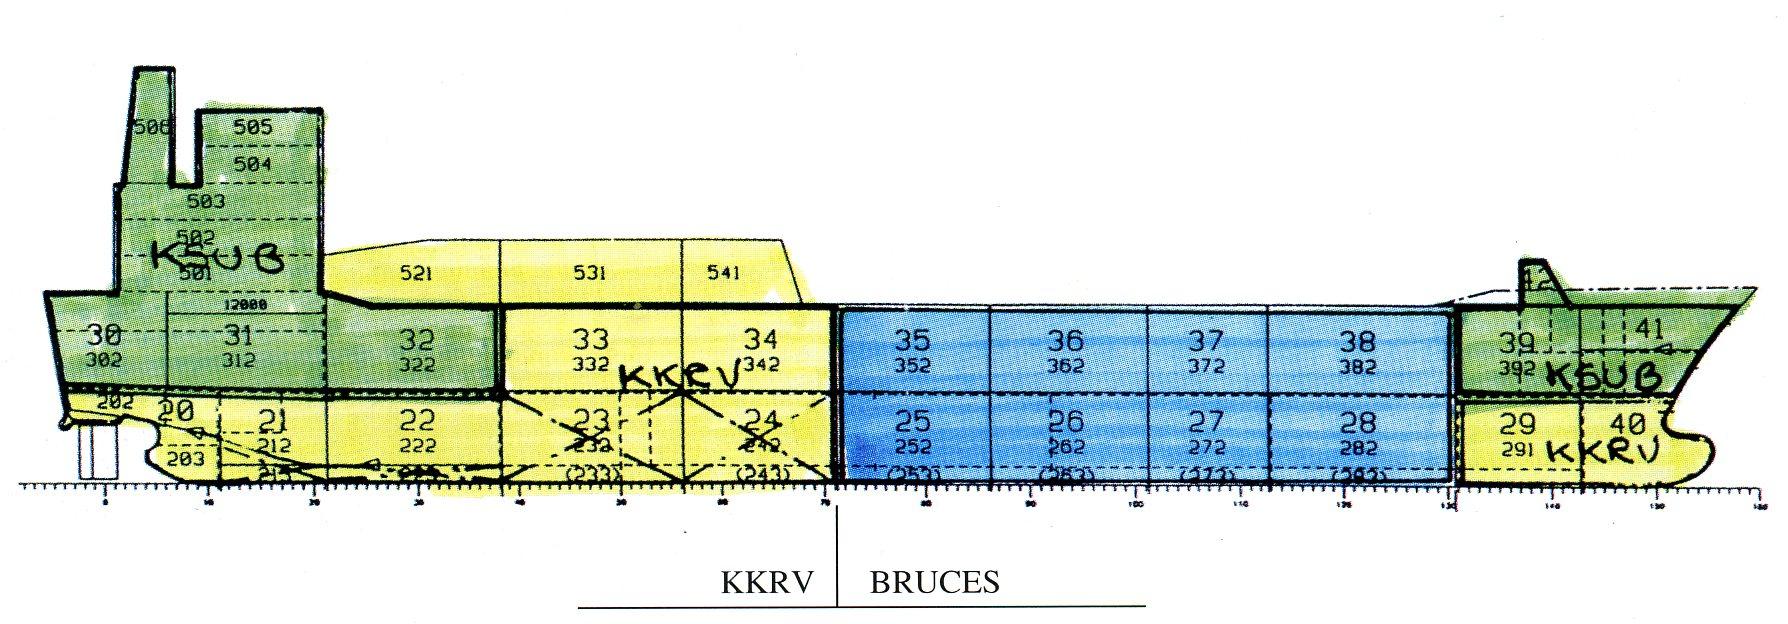 30.sektionsindelning